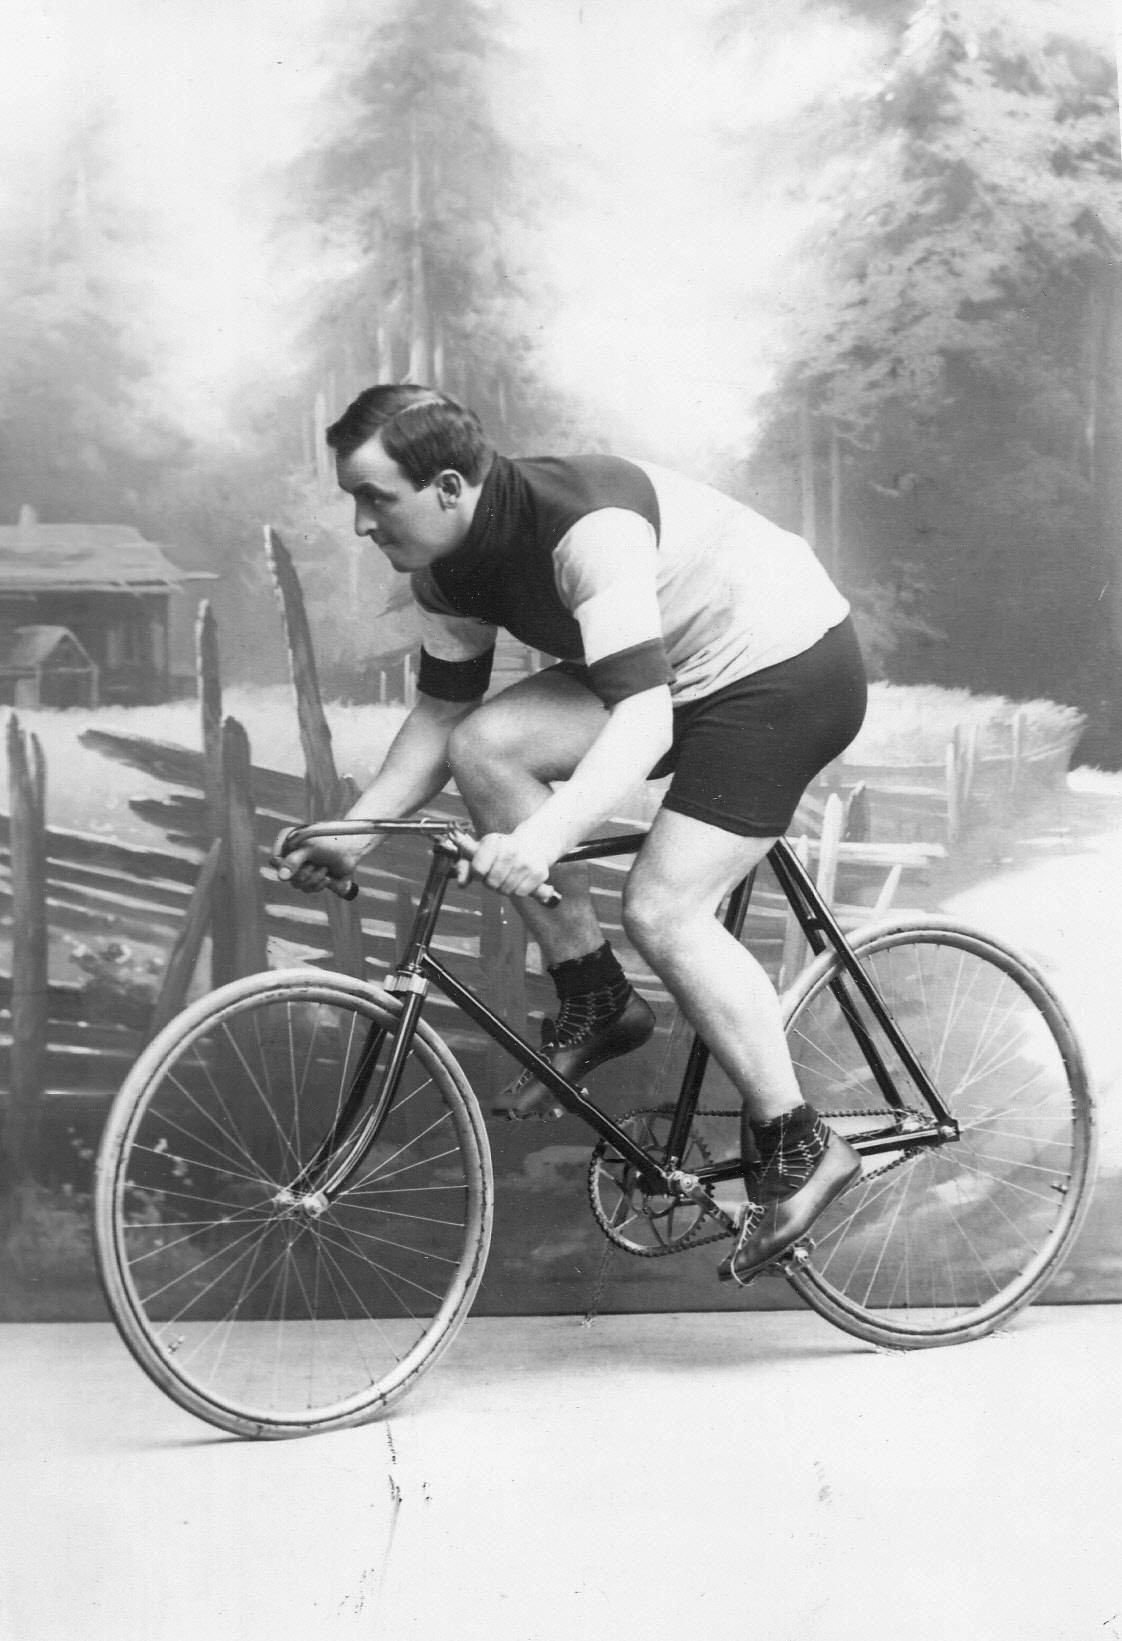 Жан Жаклен (Франция), участник велогонок, чемпион мира, на велосипеде. До 1915